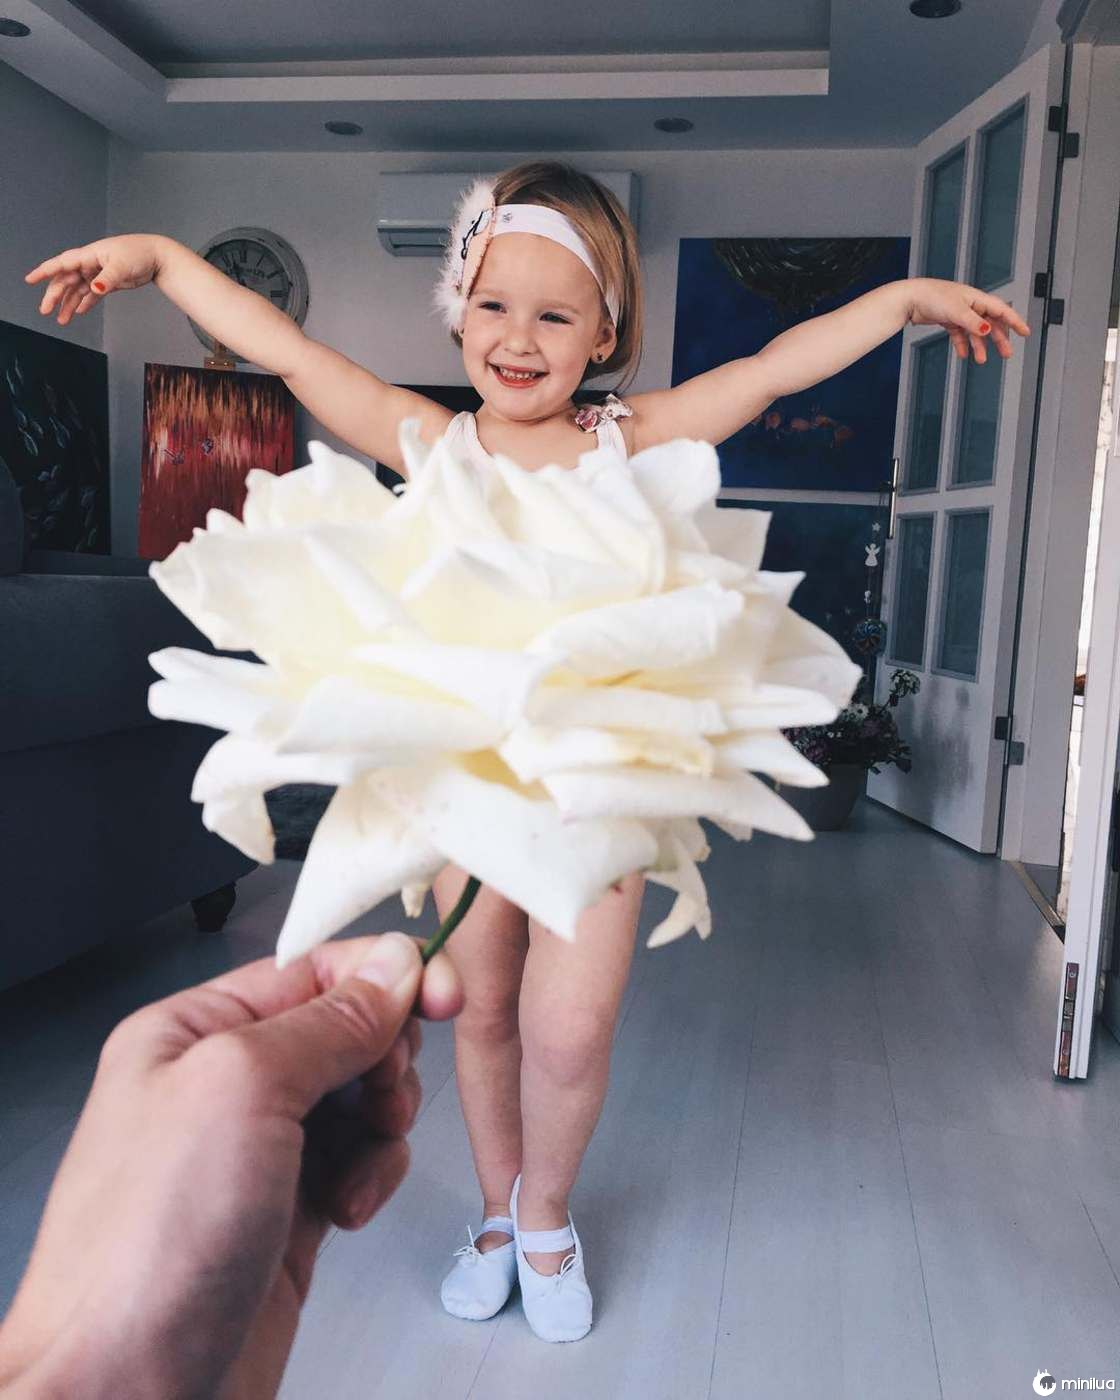 Mãe e Filha De 3 Anos Fazem Sucesso No Instagram Com Os Seus Criativos Vestidos 4